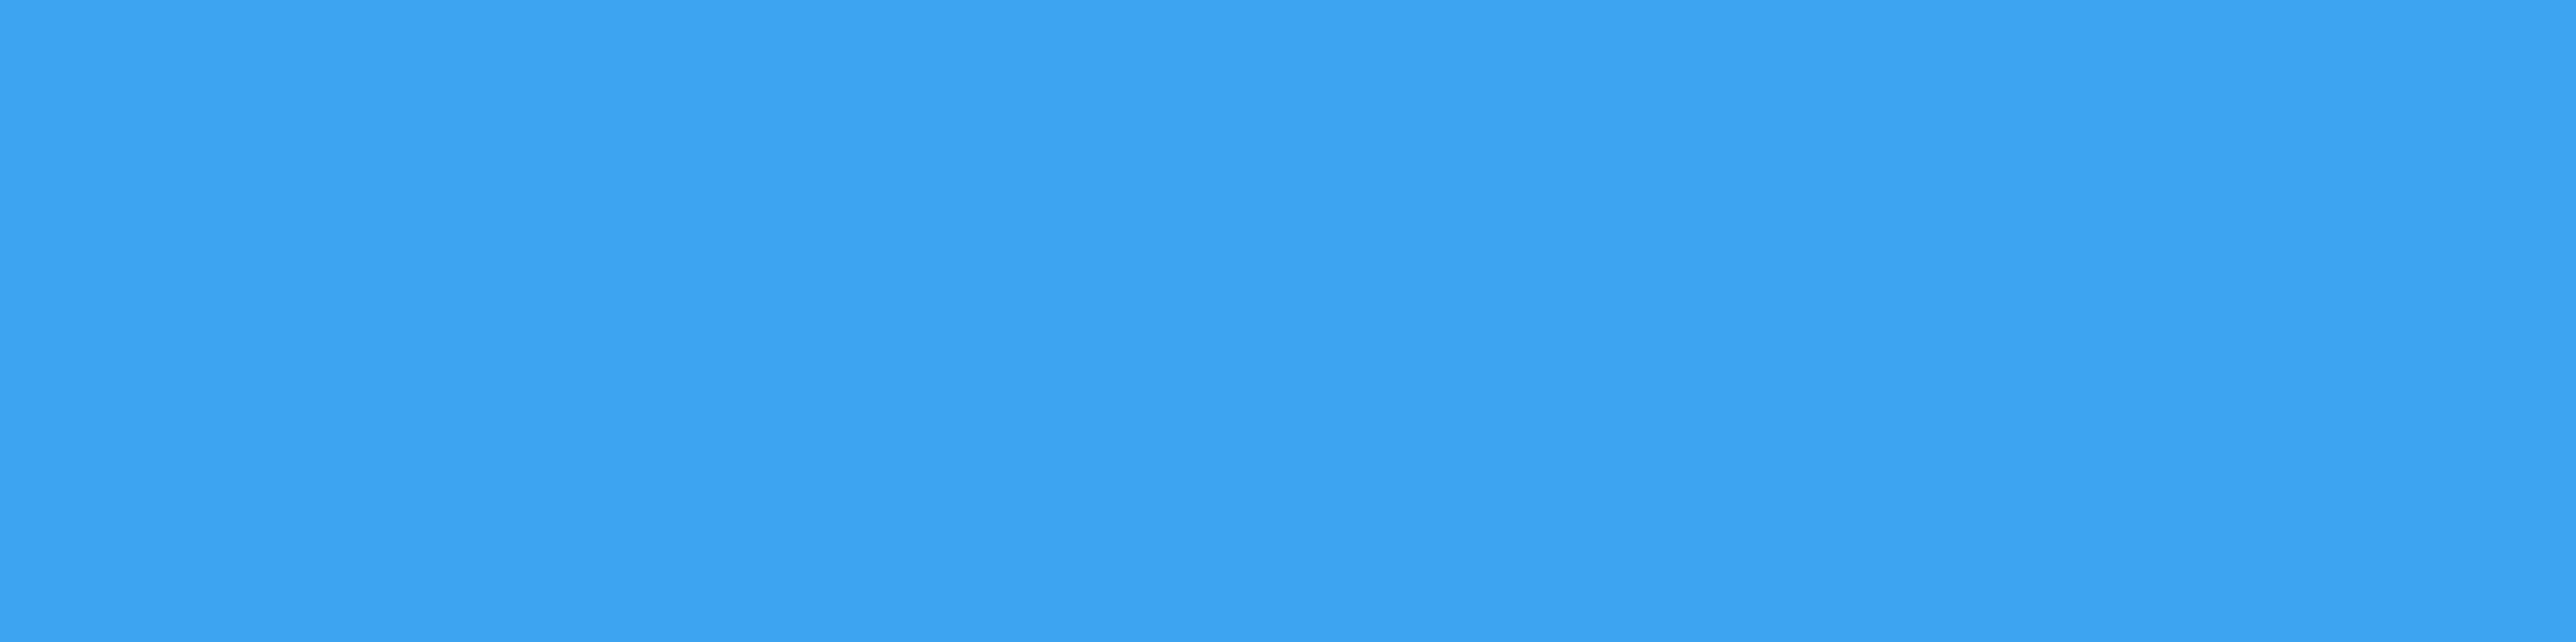 mmedien GmbH - agentur für kommunikation logo